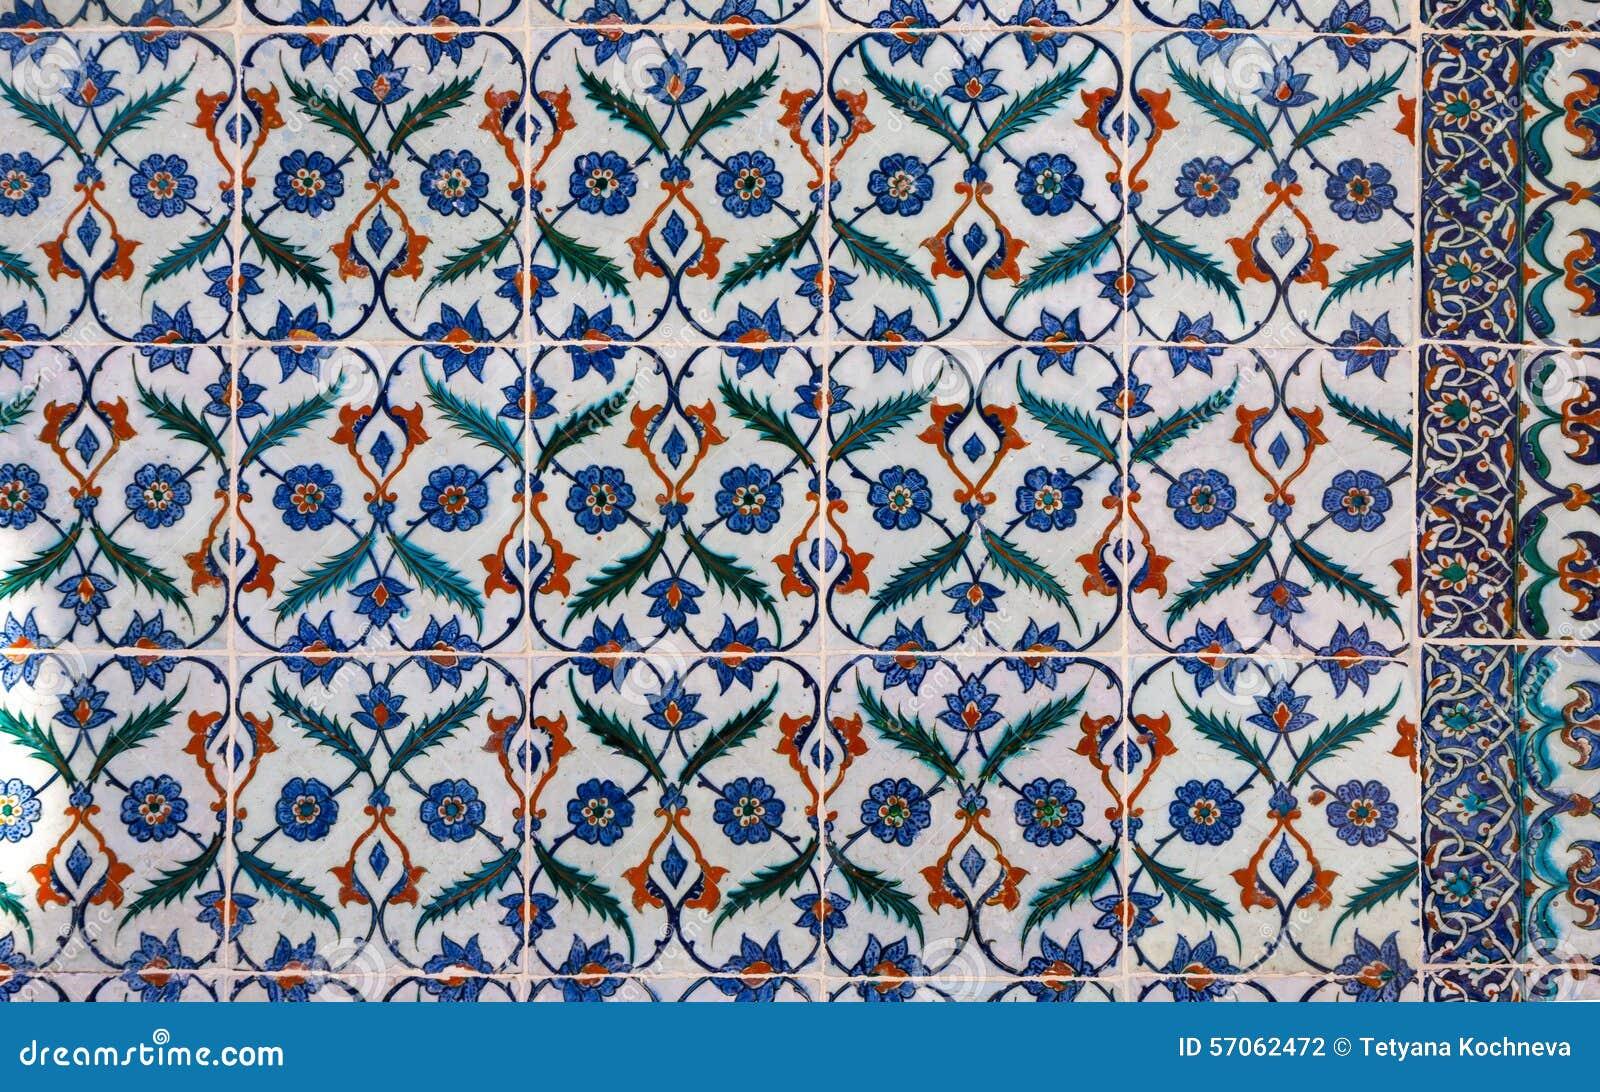 Tegels Met Motief : Turkse keramische tegels stock foto. afbeelding bestaande uit moskee